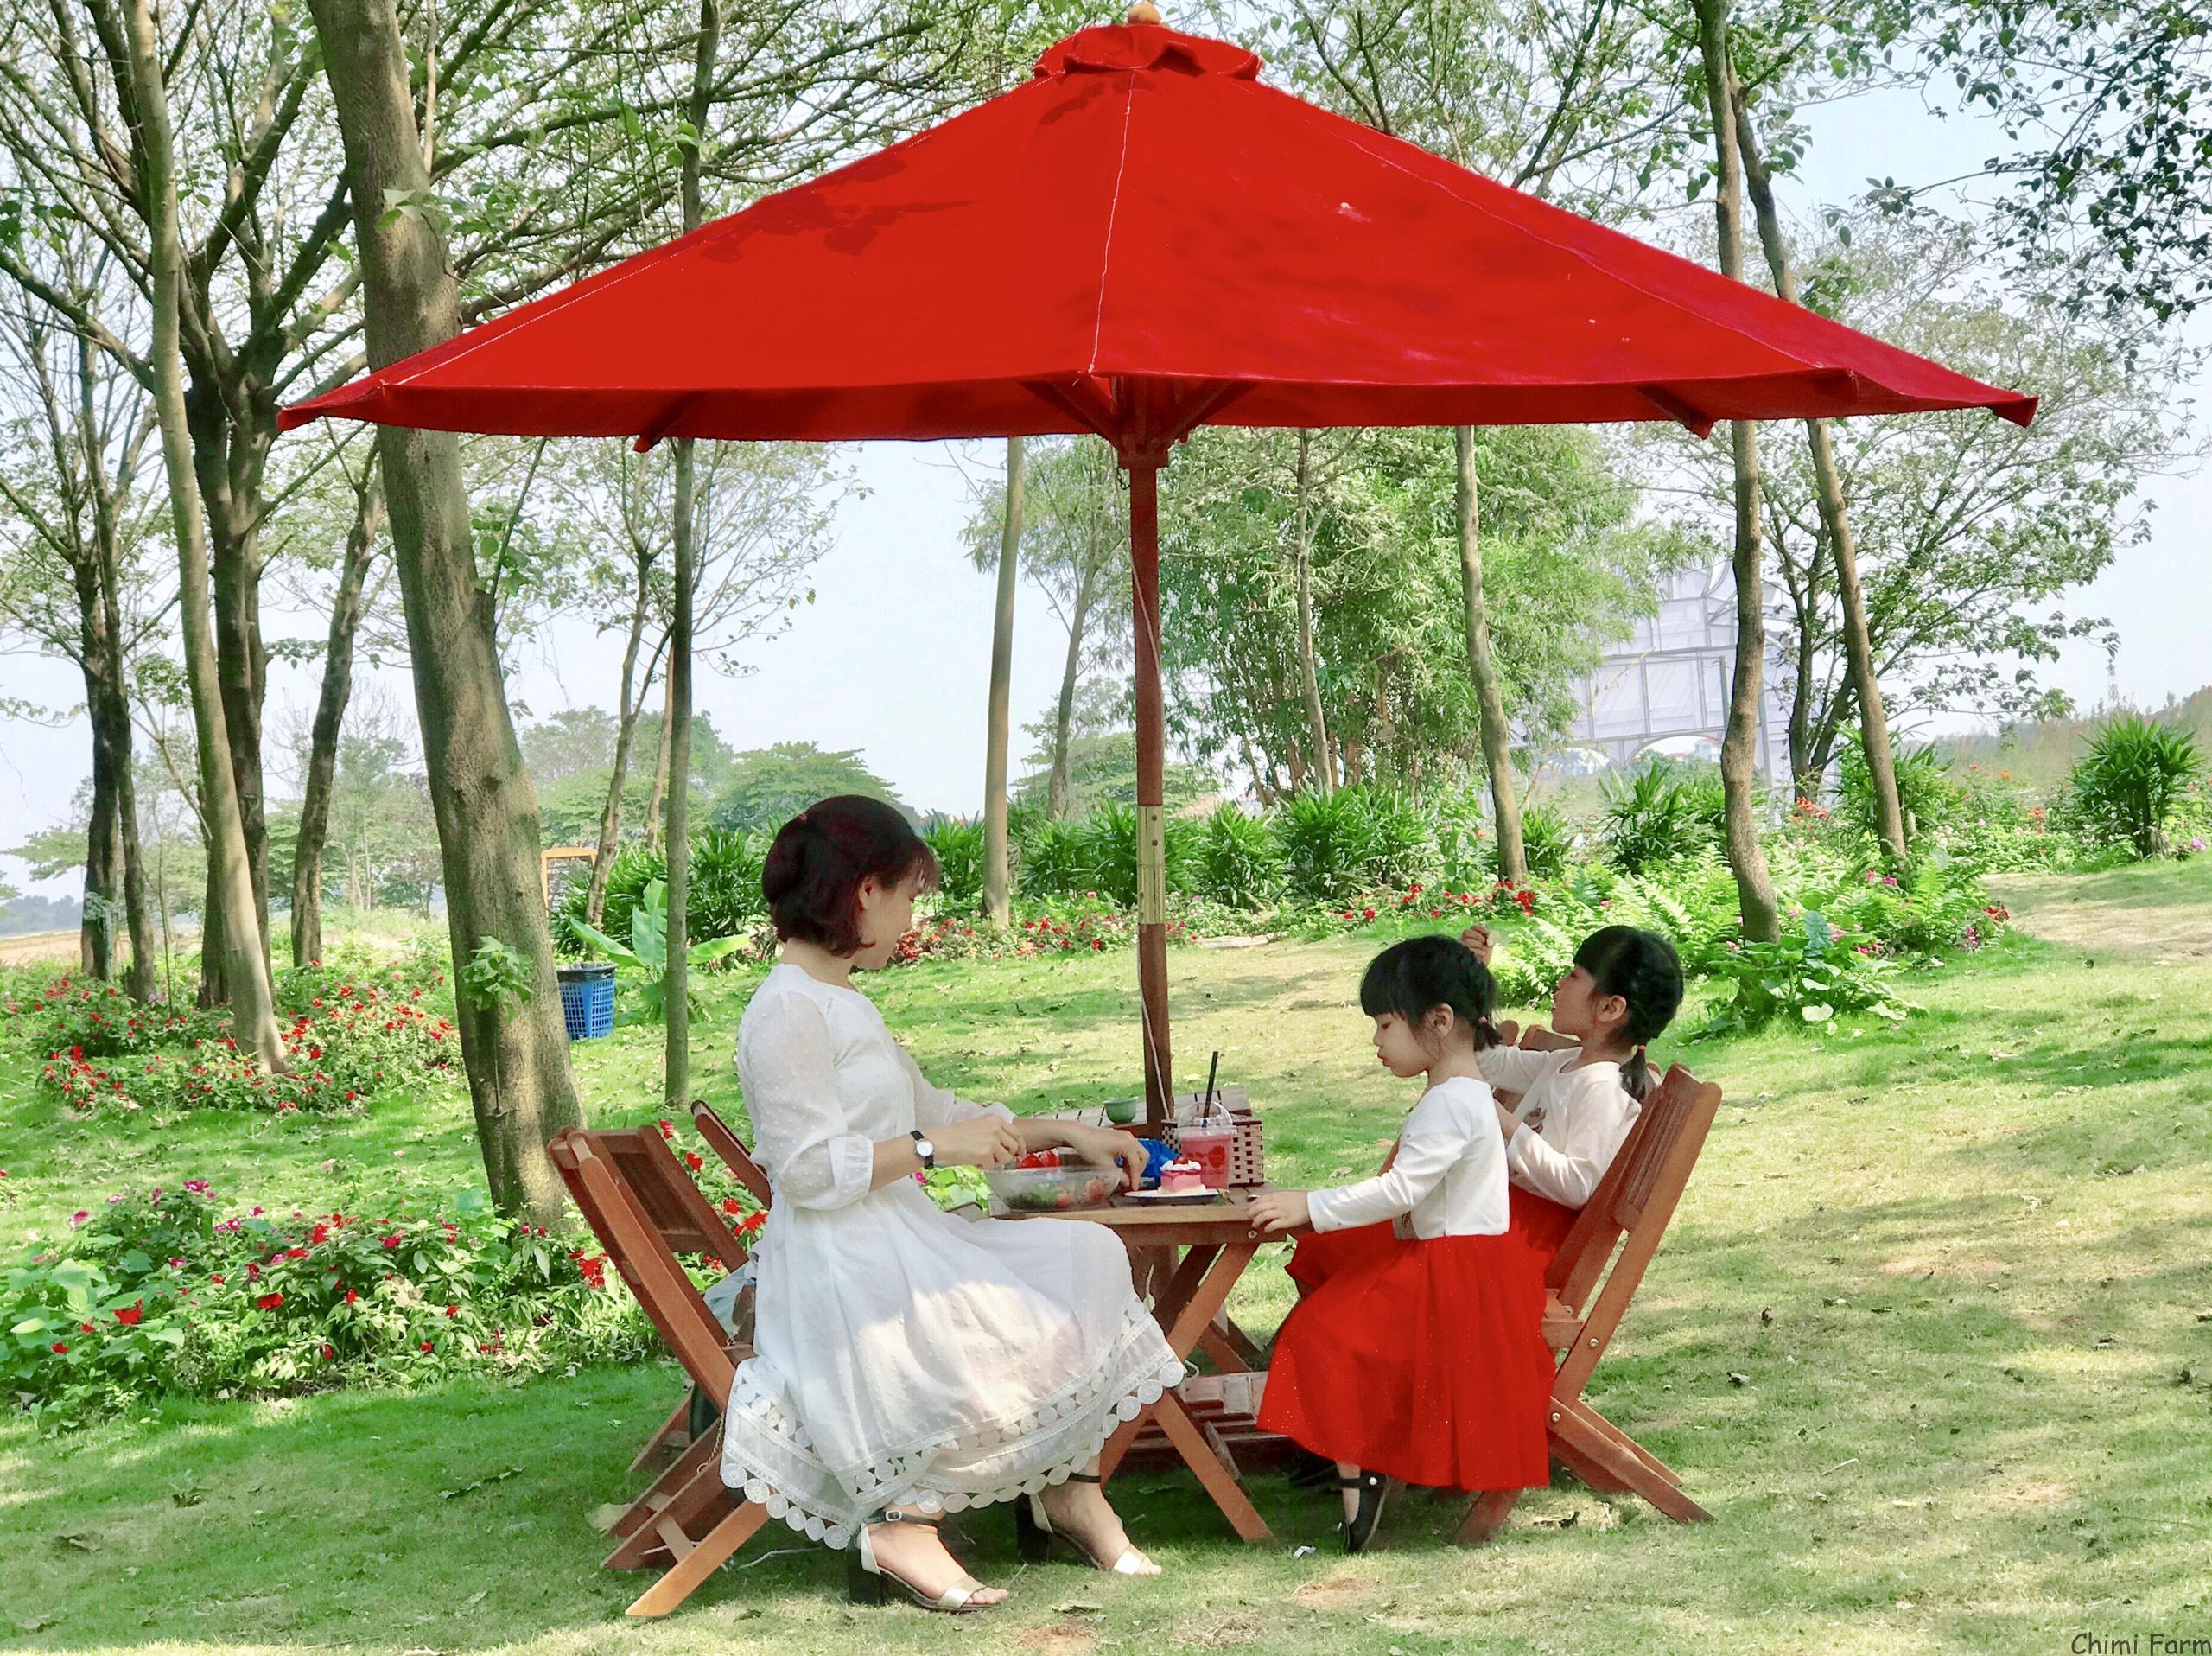 Khuôn viên của nông trại rộng và thoáng mát cho các chuyến picnic cuối tuần